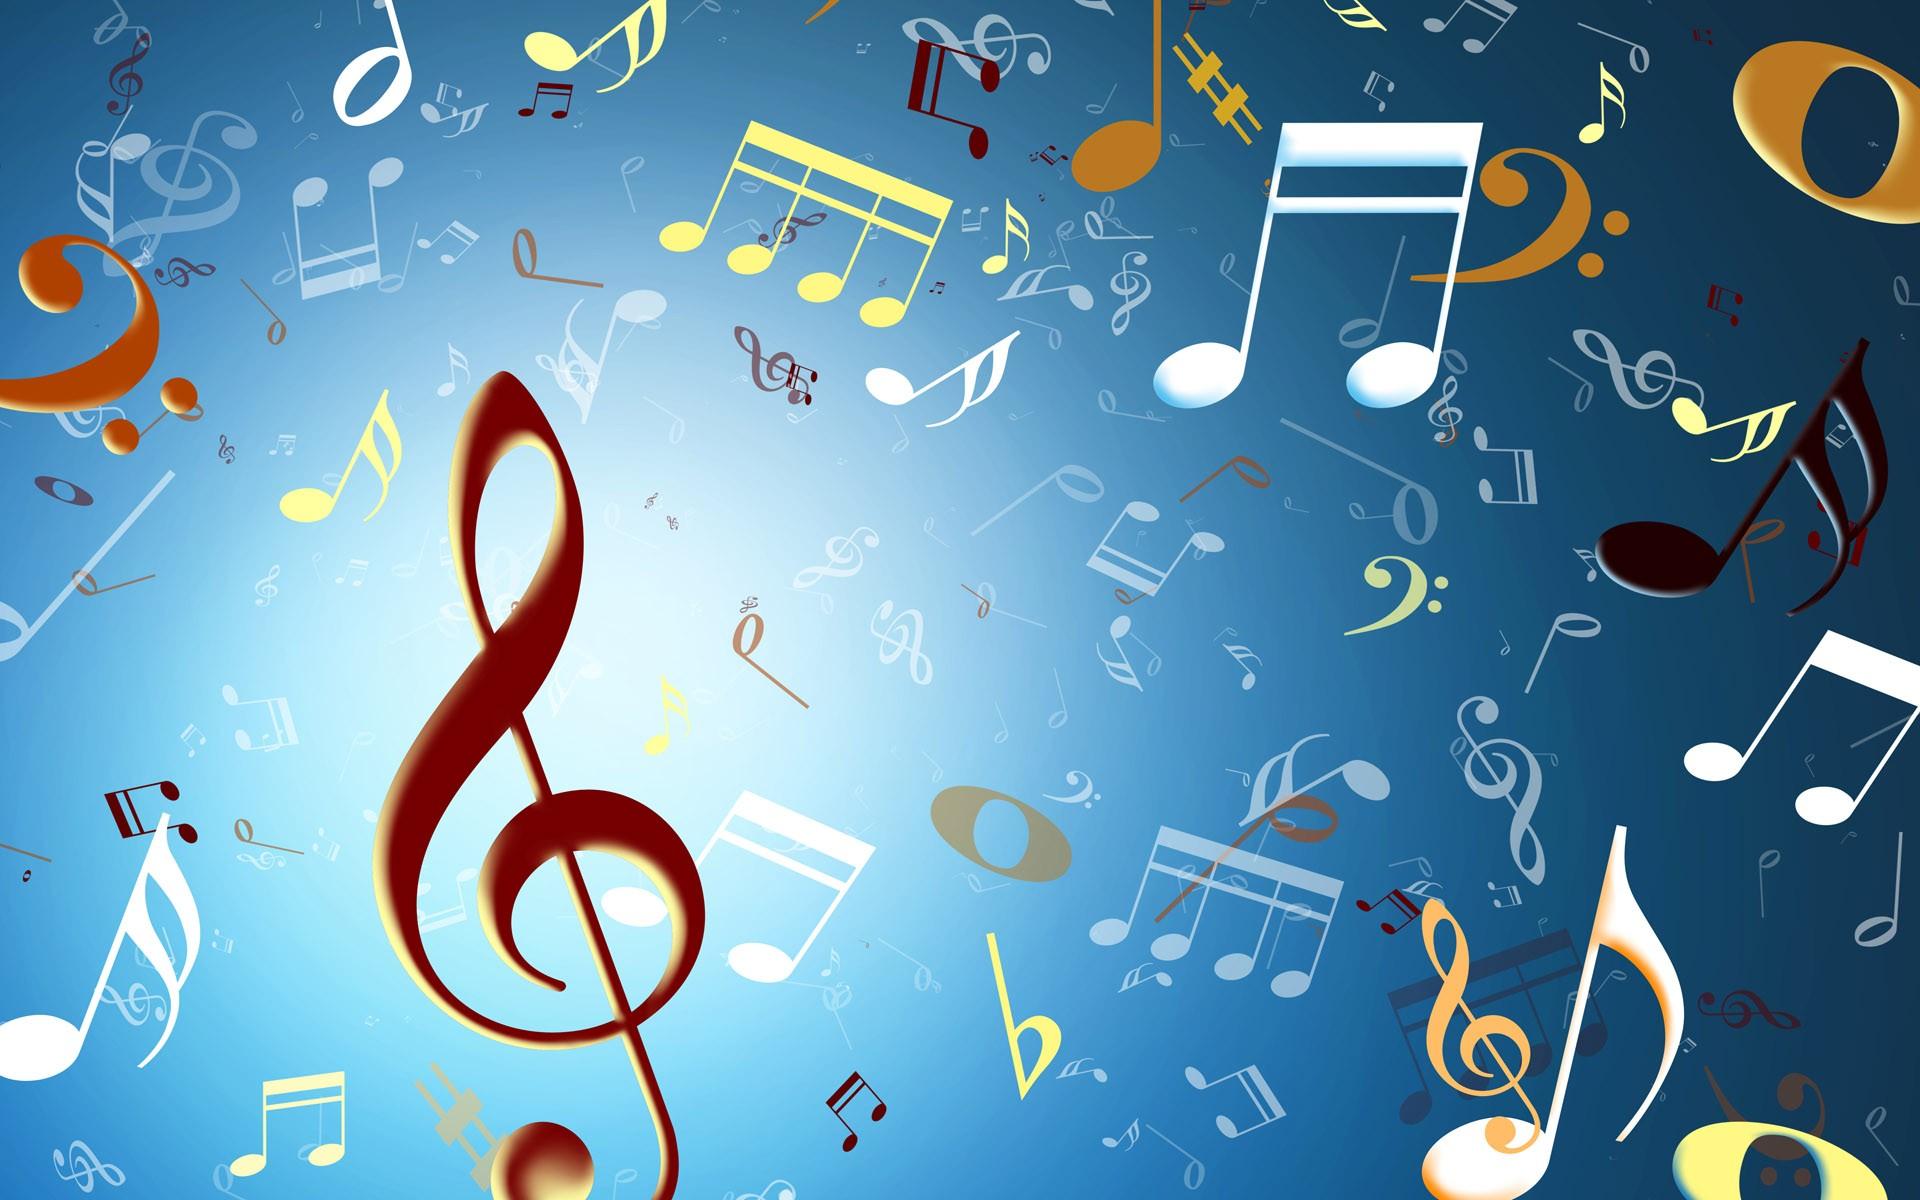 Programa para editar fotos con musica de fondo gratis 12